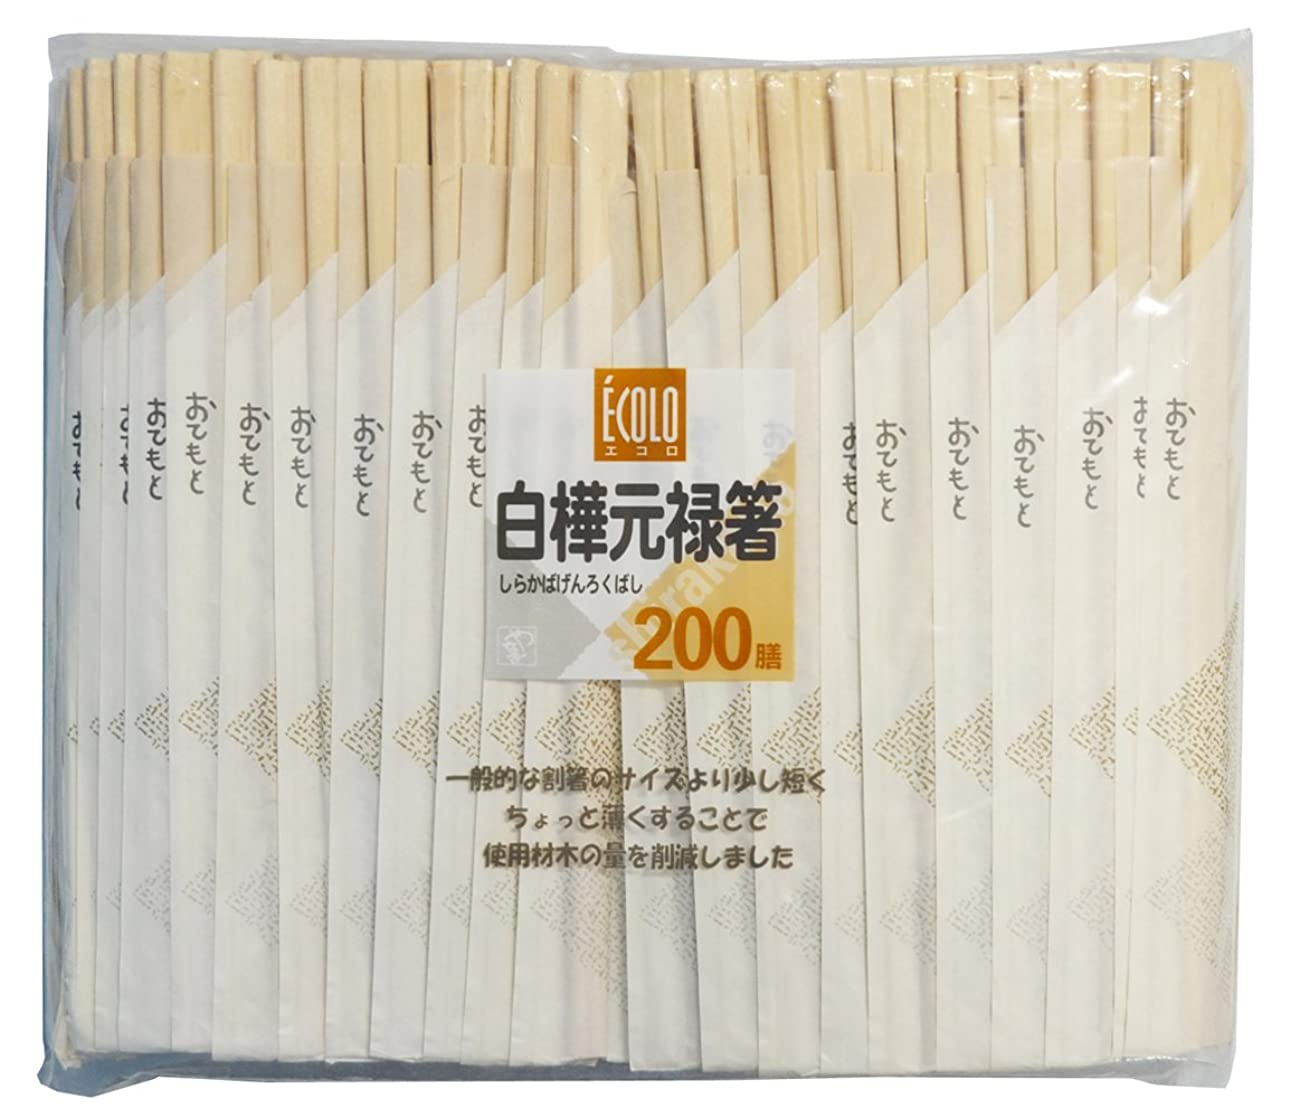 裏切る汚染されたシルクエコロ 白樺 元禄箸 200膳入り E-025